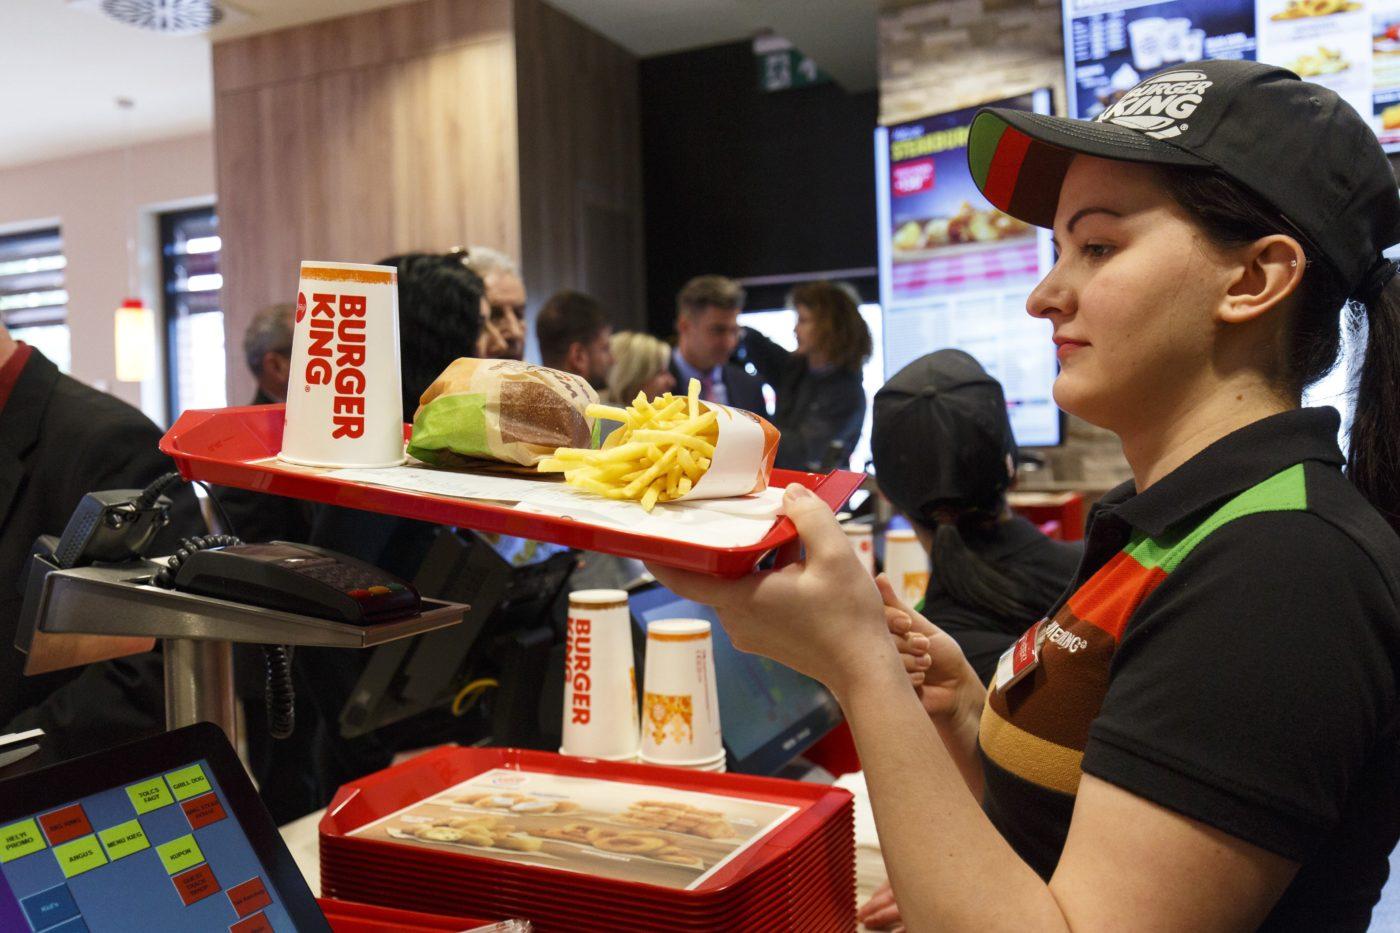 Egy Burger King-dolgozó a gyorsétteremlánc zalaegerszegi egységének nyitónapján. (MTI/Varga György)